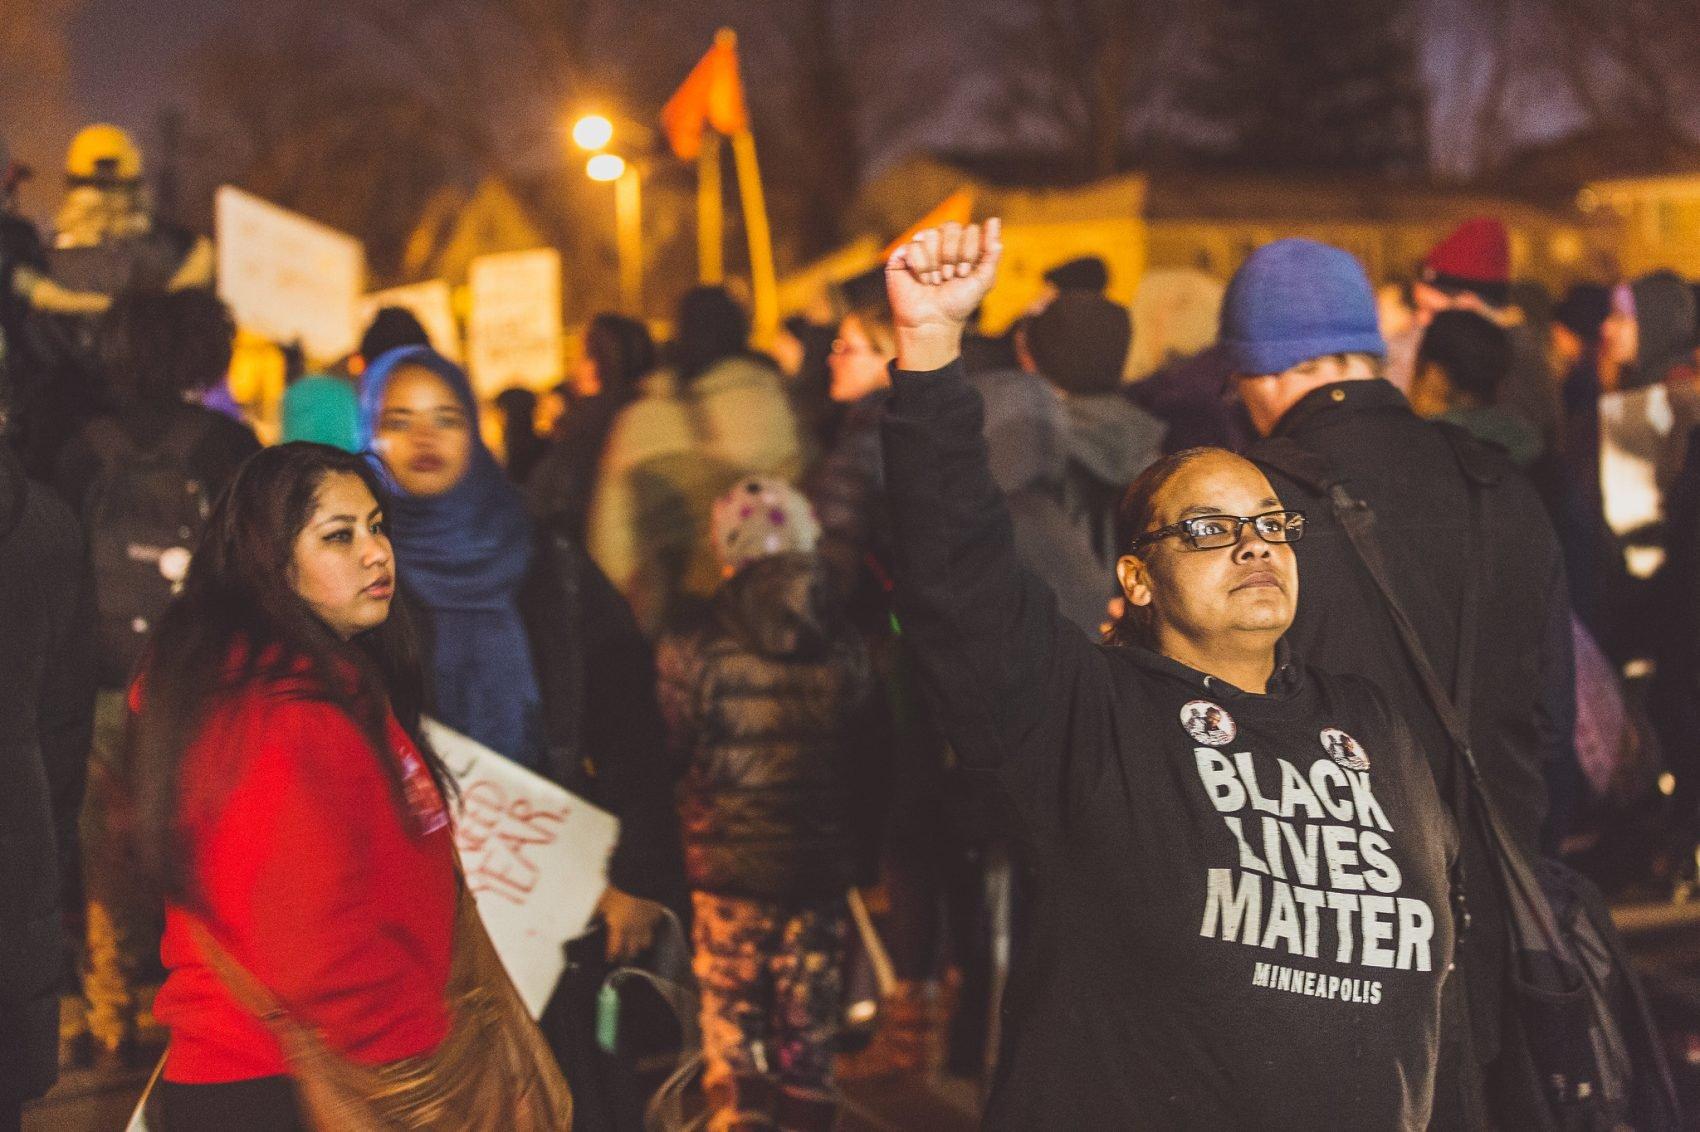 BlackLivesMatter protestors